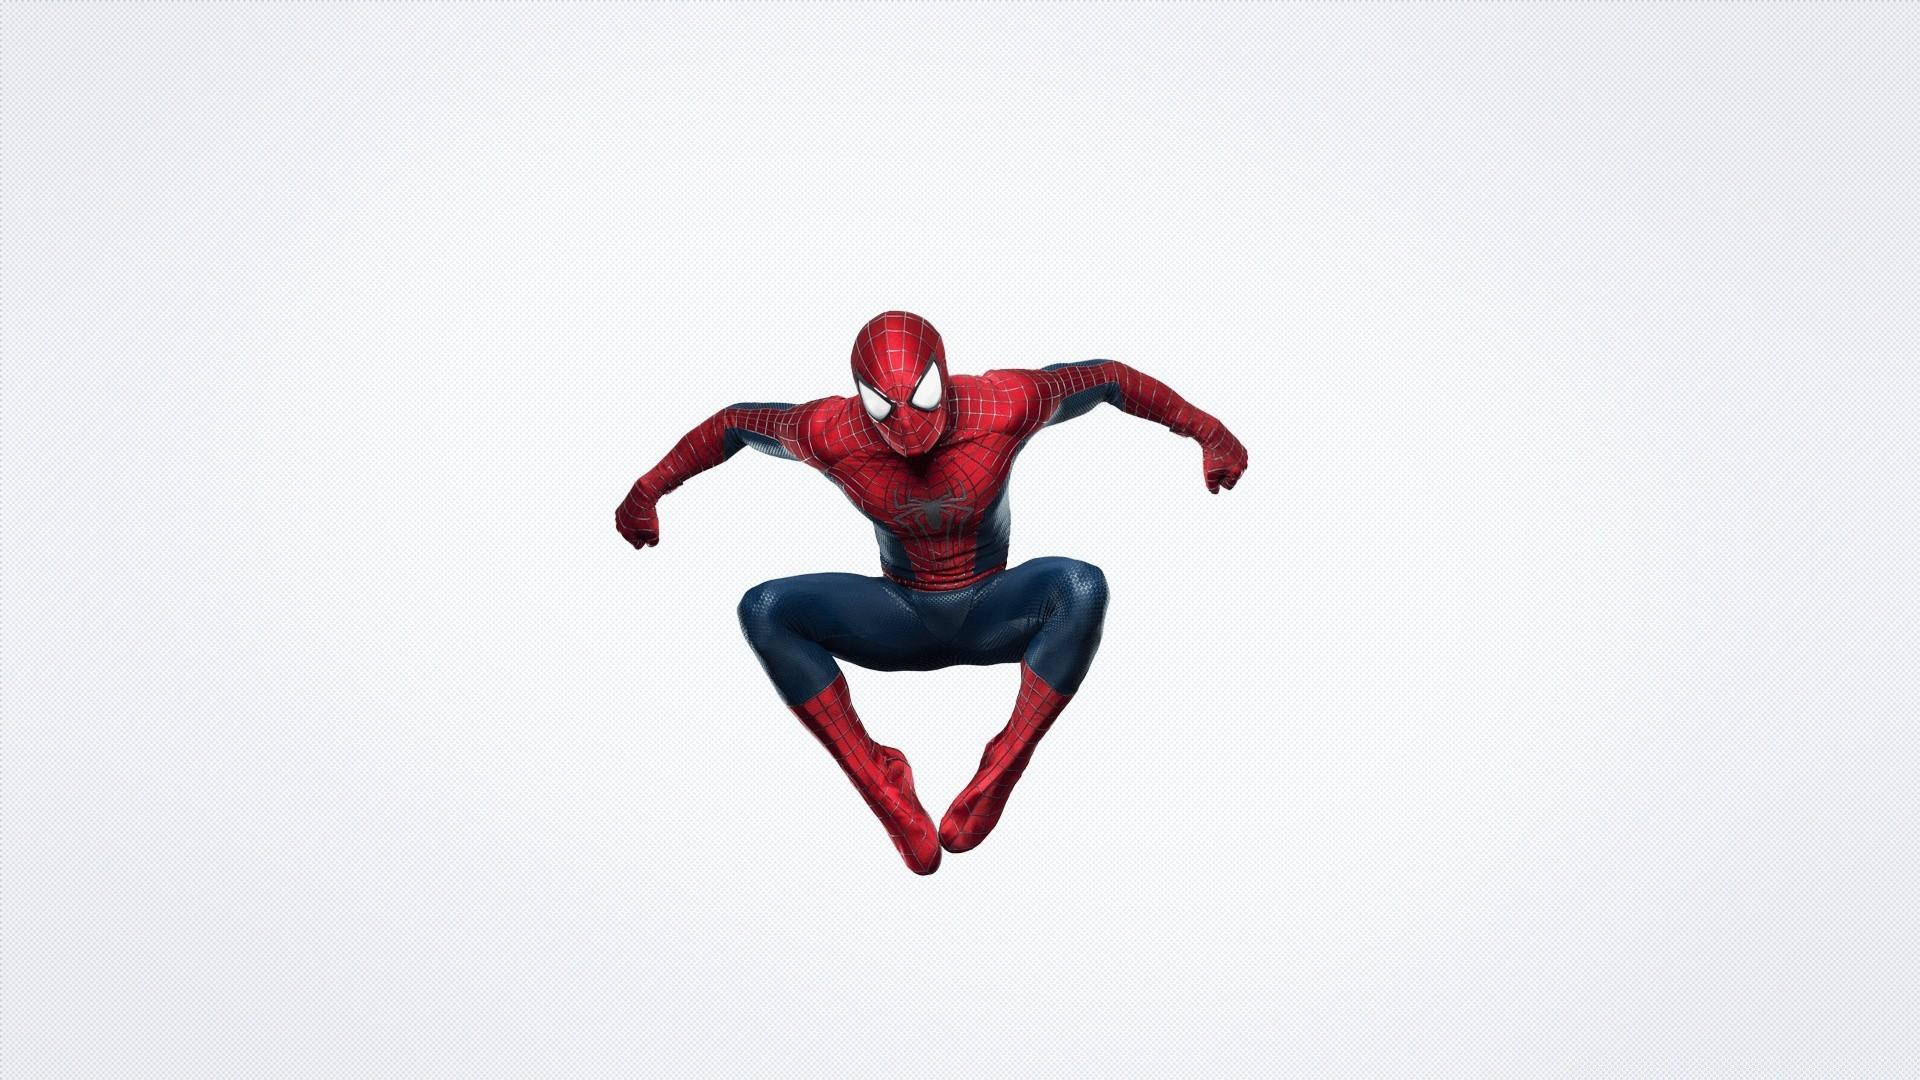 человек паук прыжок  № 3316414 бесплатно